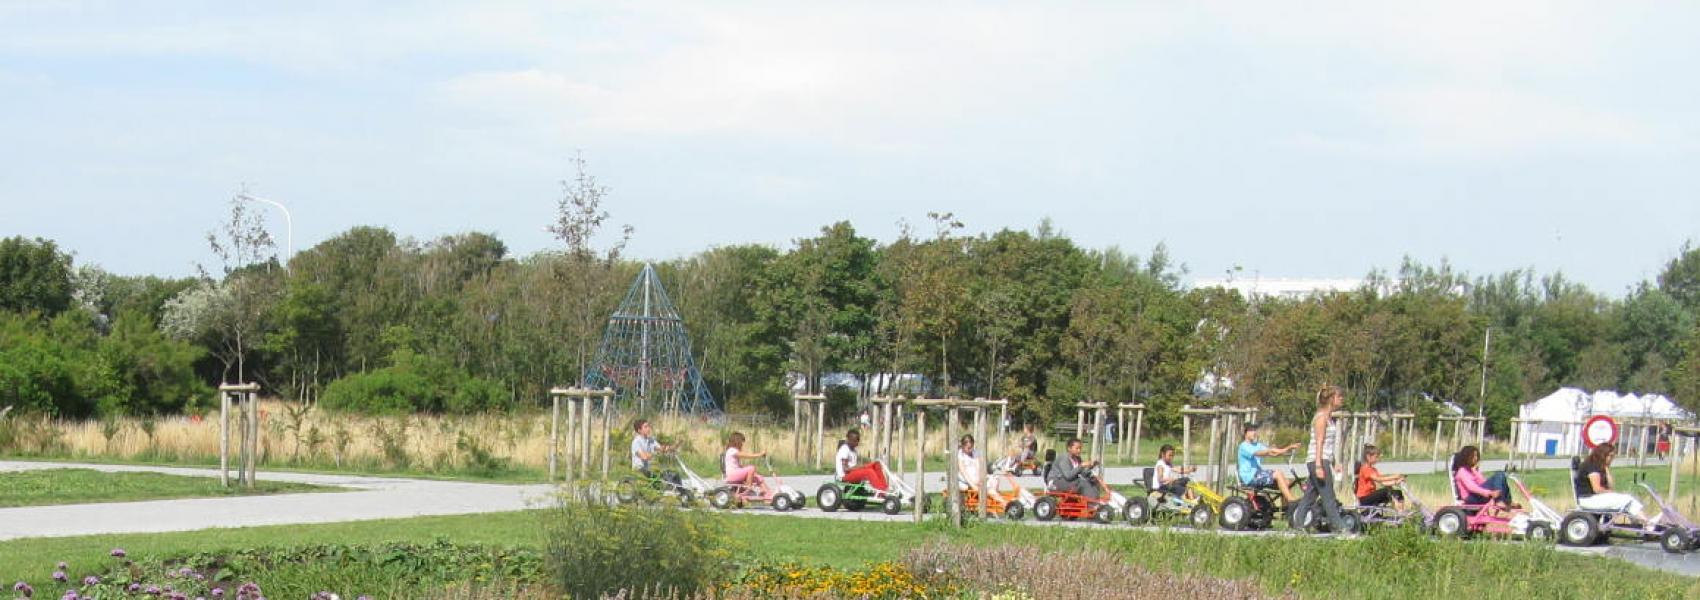 kinderen op go-carts